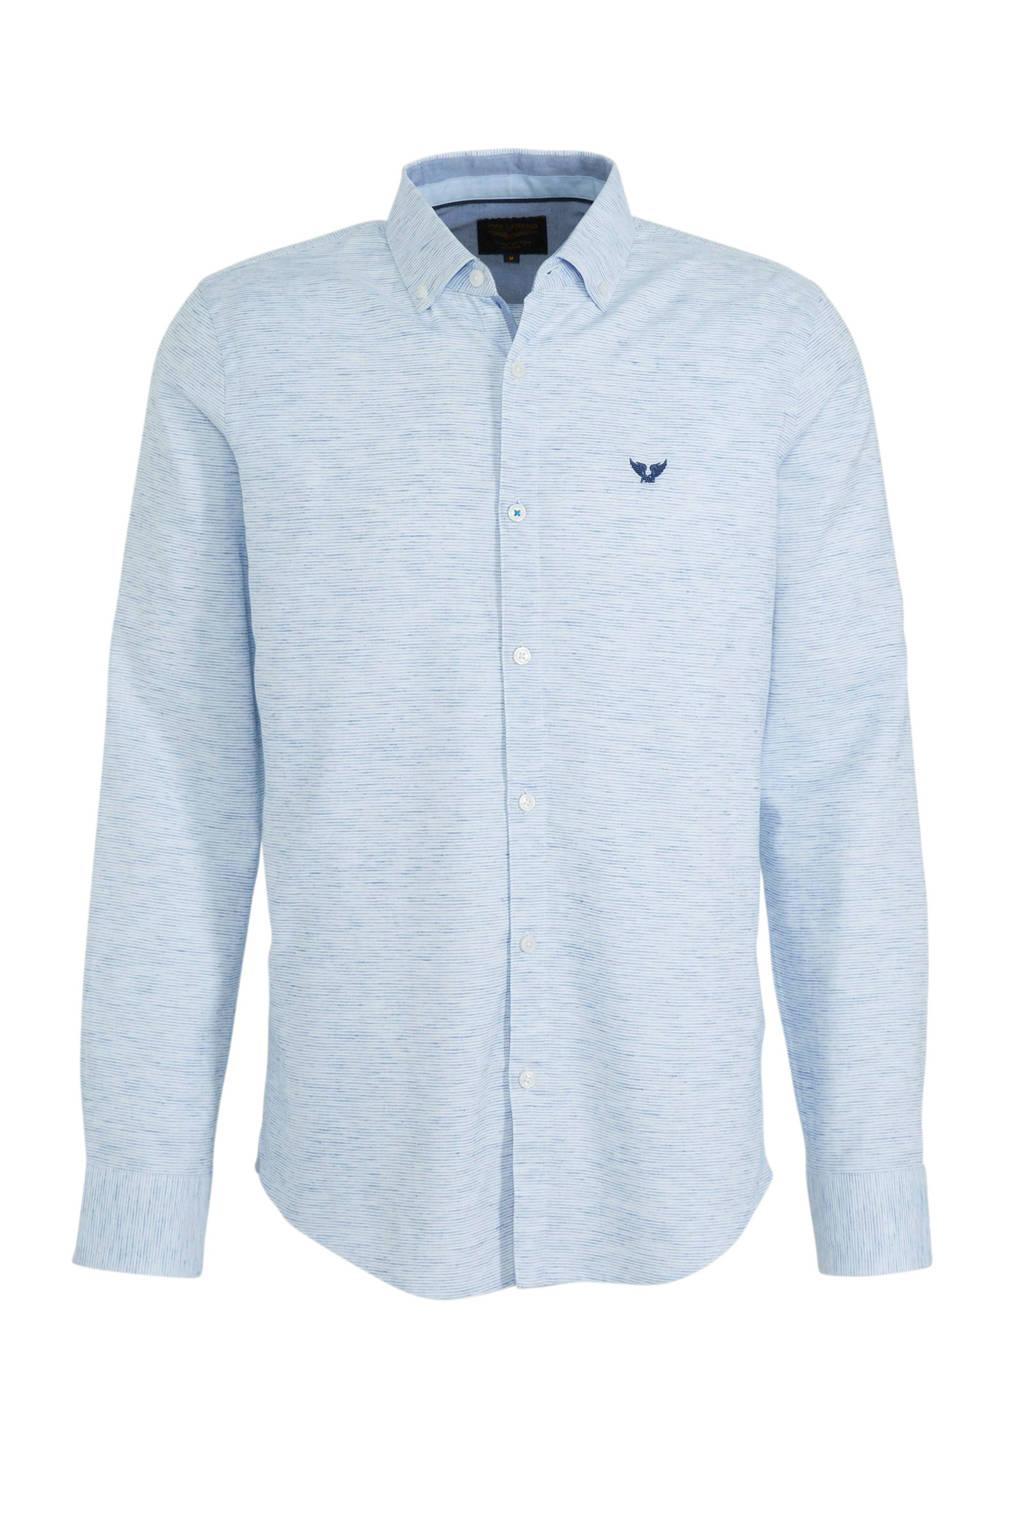 PME Legend slim fit overhemd lichtblauw, Lichtblauw